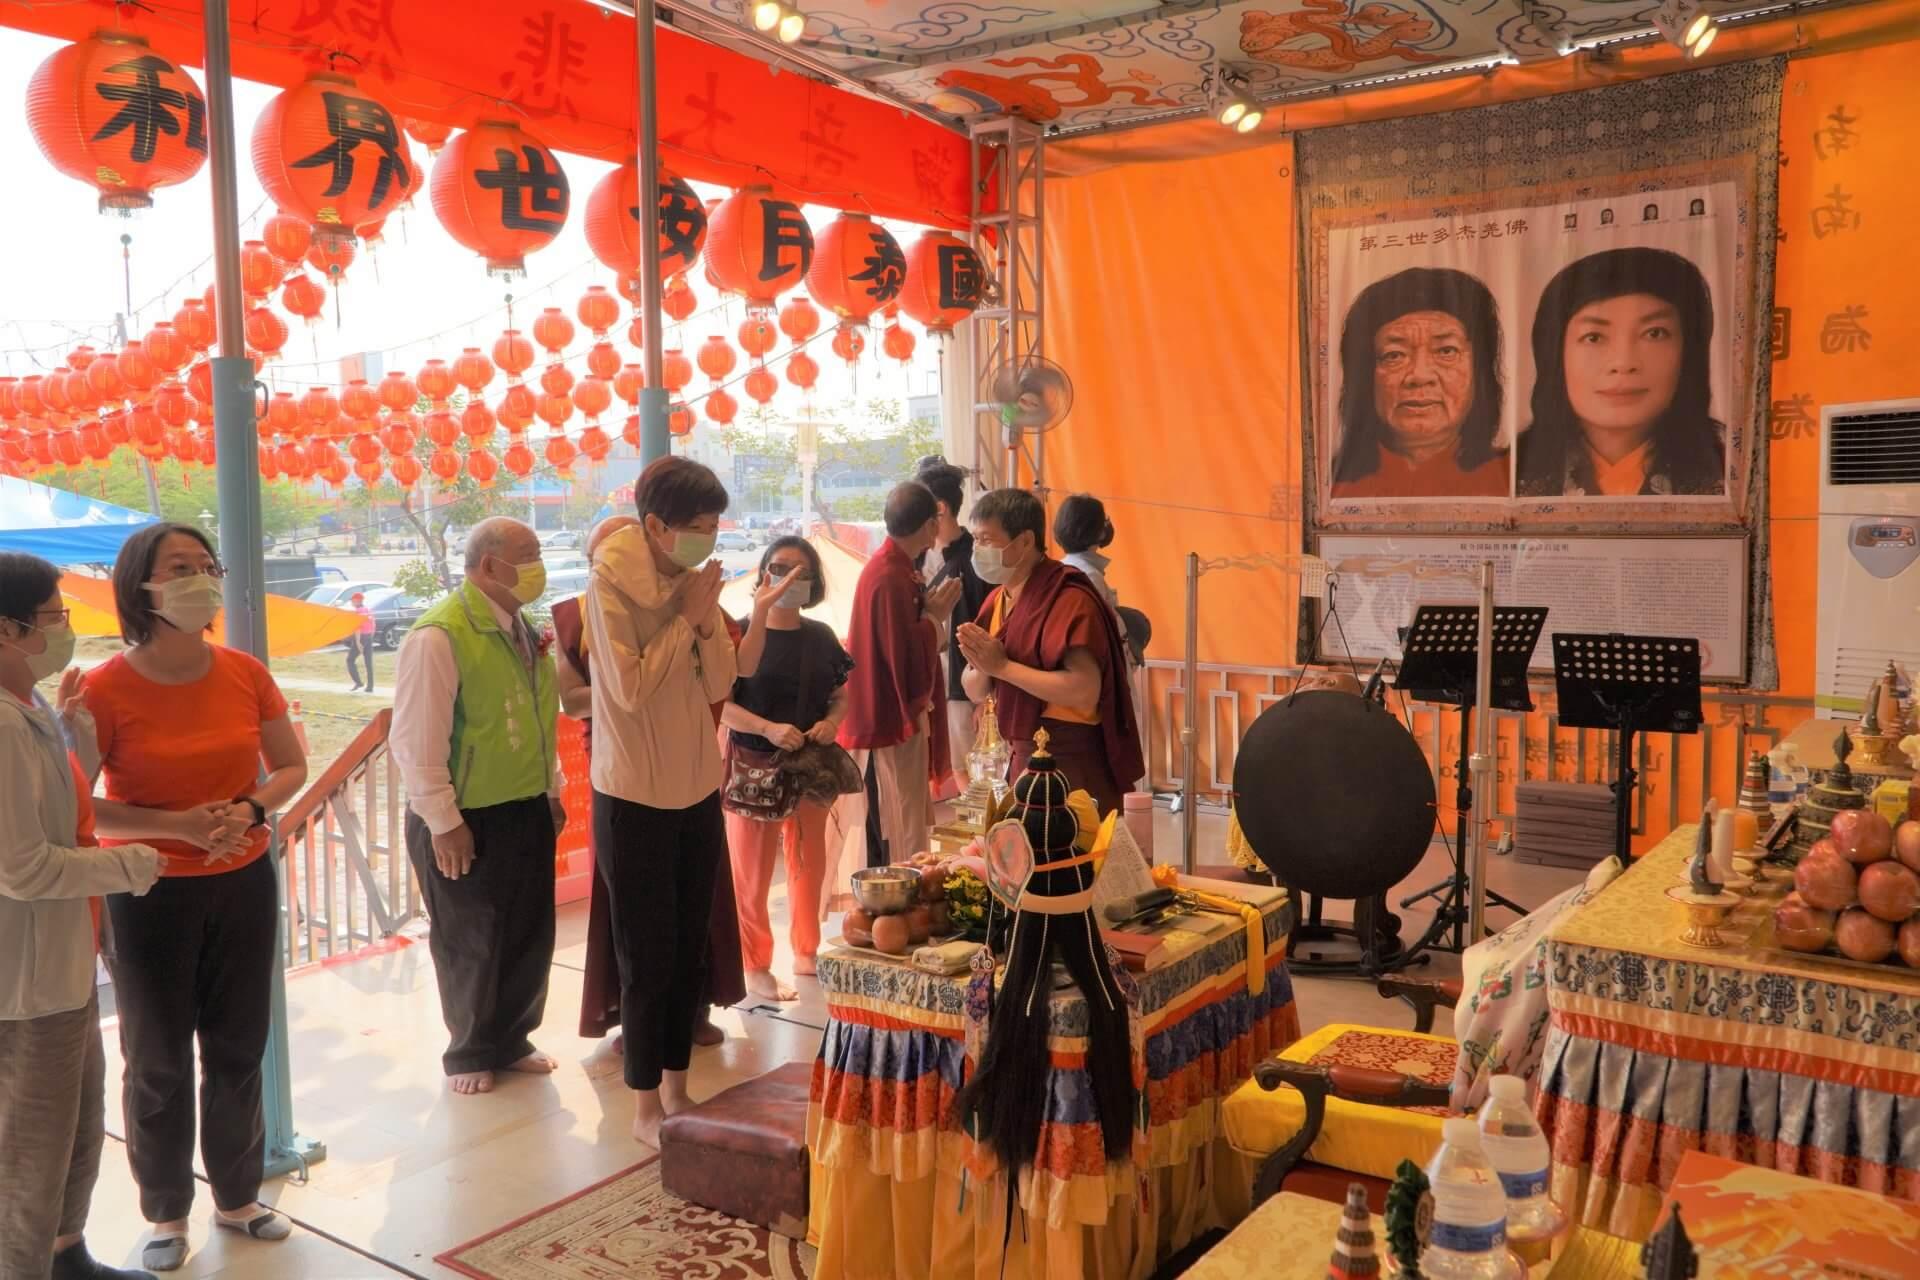 行動佛殿130站台南大興公園,觀音大悲感召加持法會,信眾頂禮